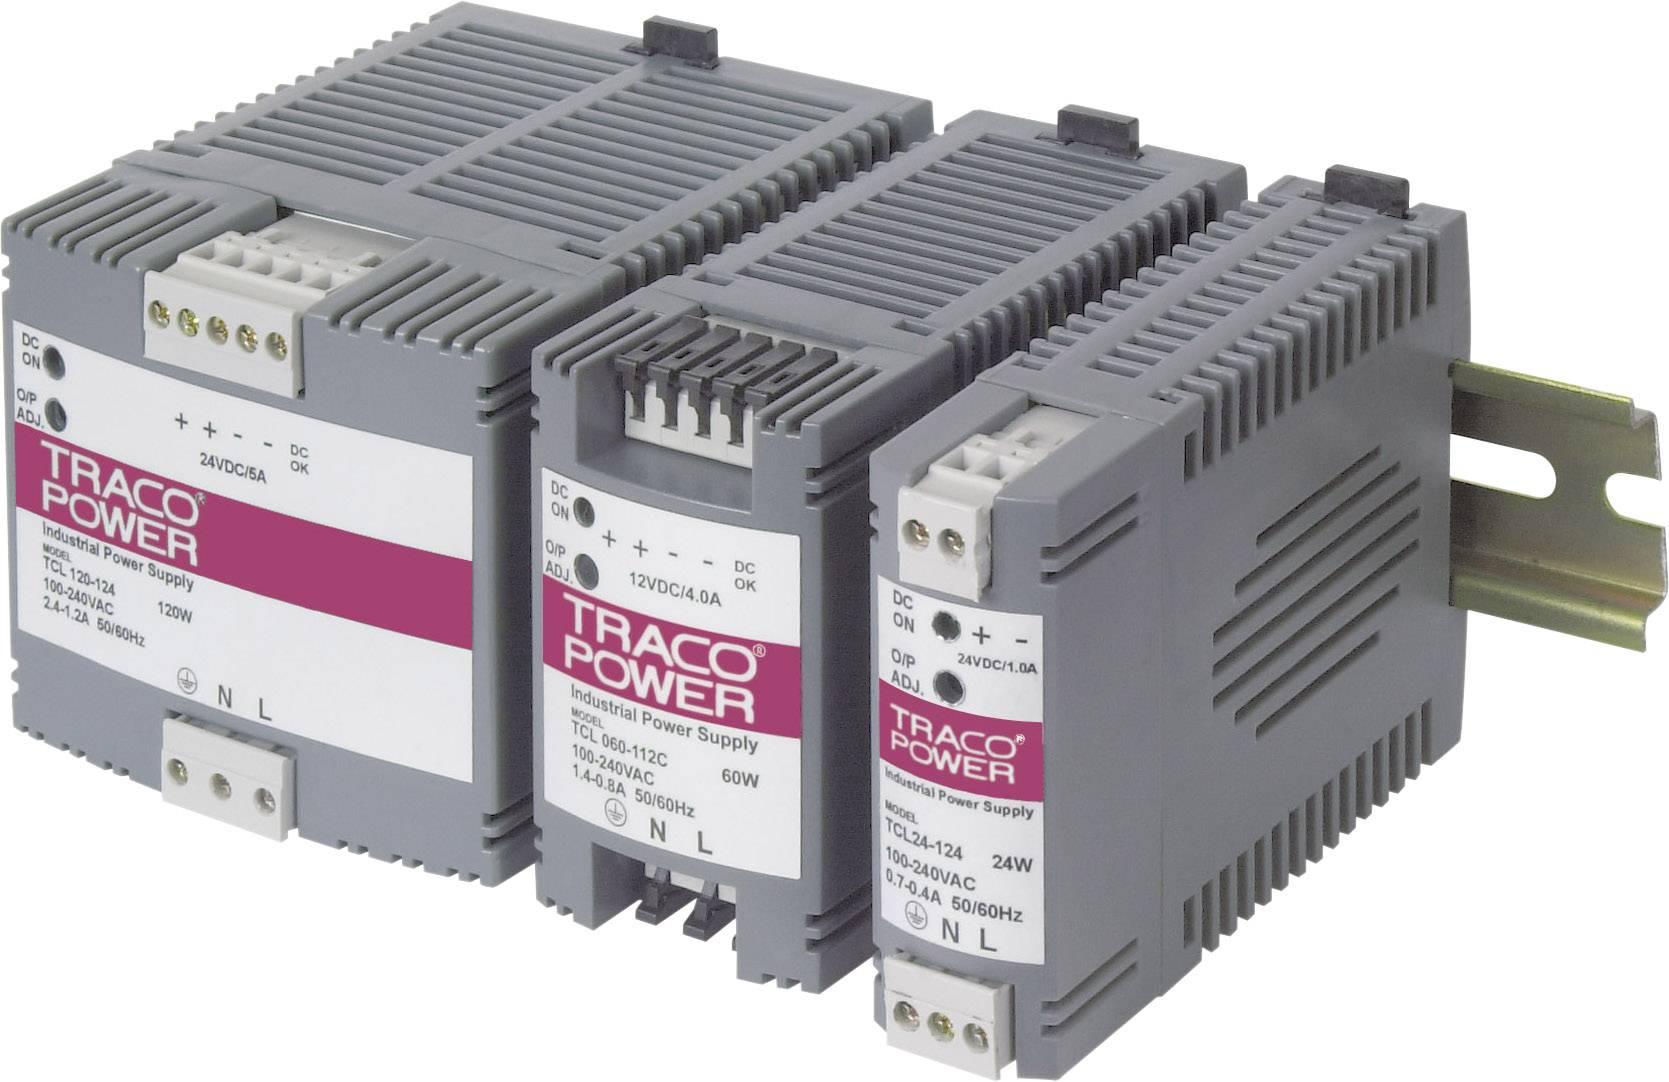 Sieťový zdroj na montážnu lištu (DIN lištu) TracoPower TCL 060-124, 1 x, 24 V/DC, 2.5 A, 60 W